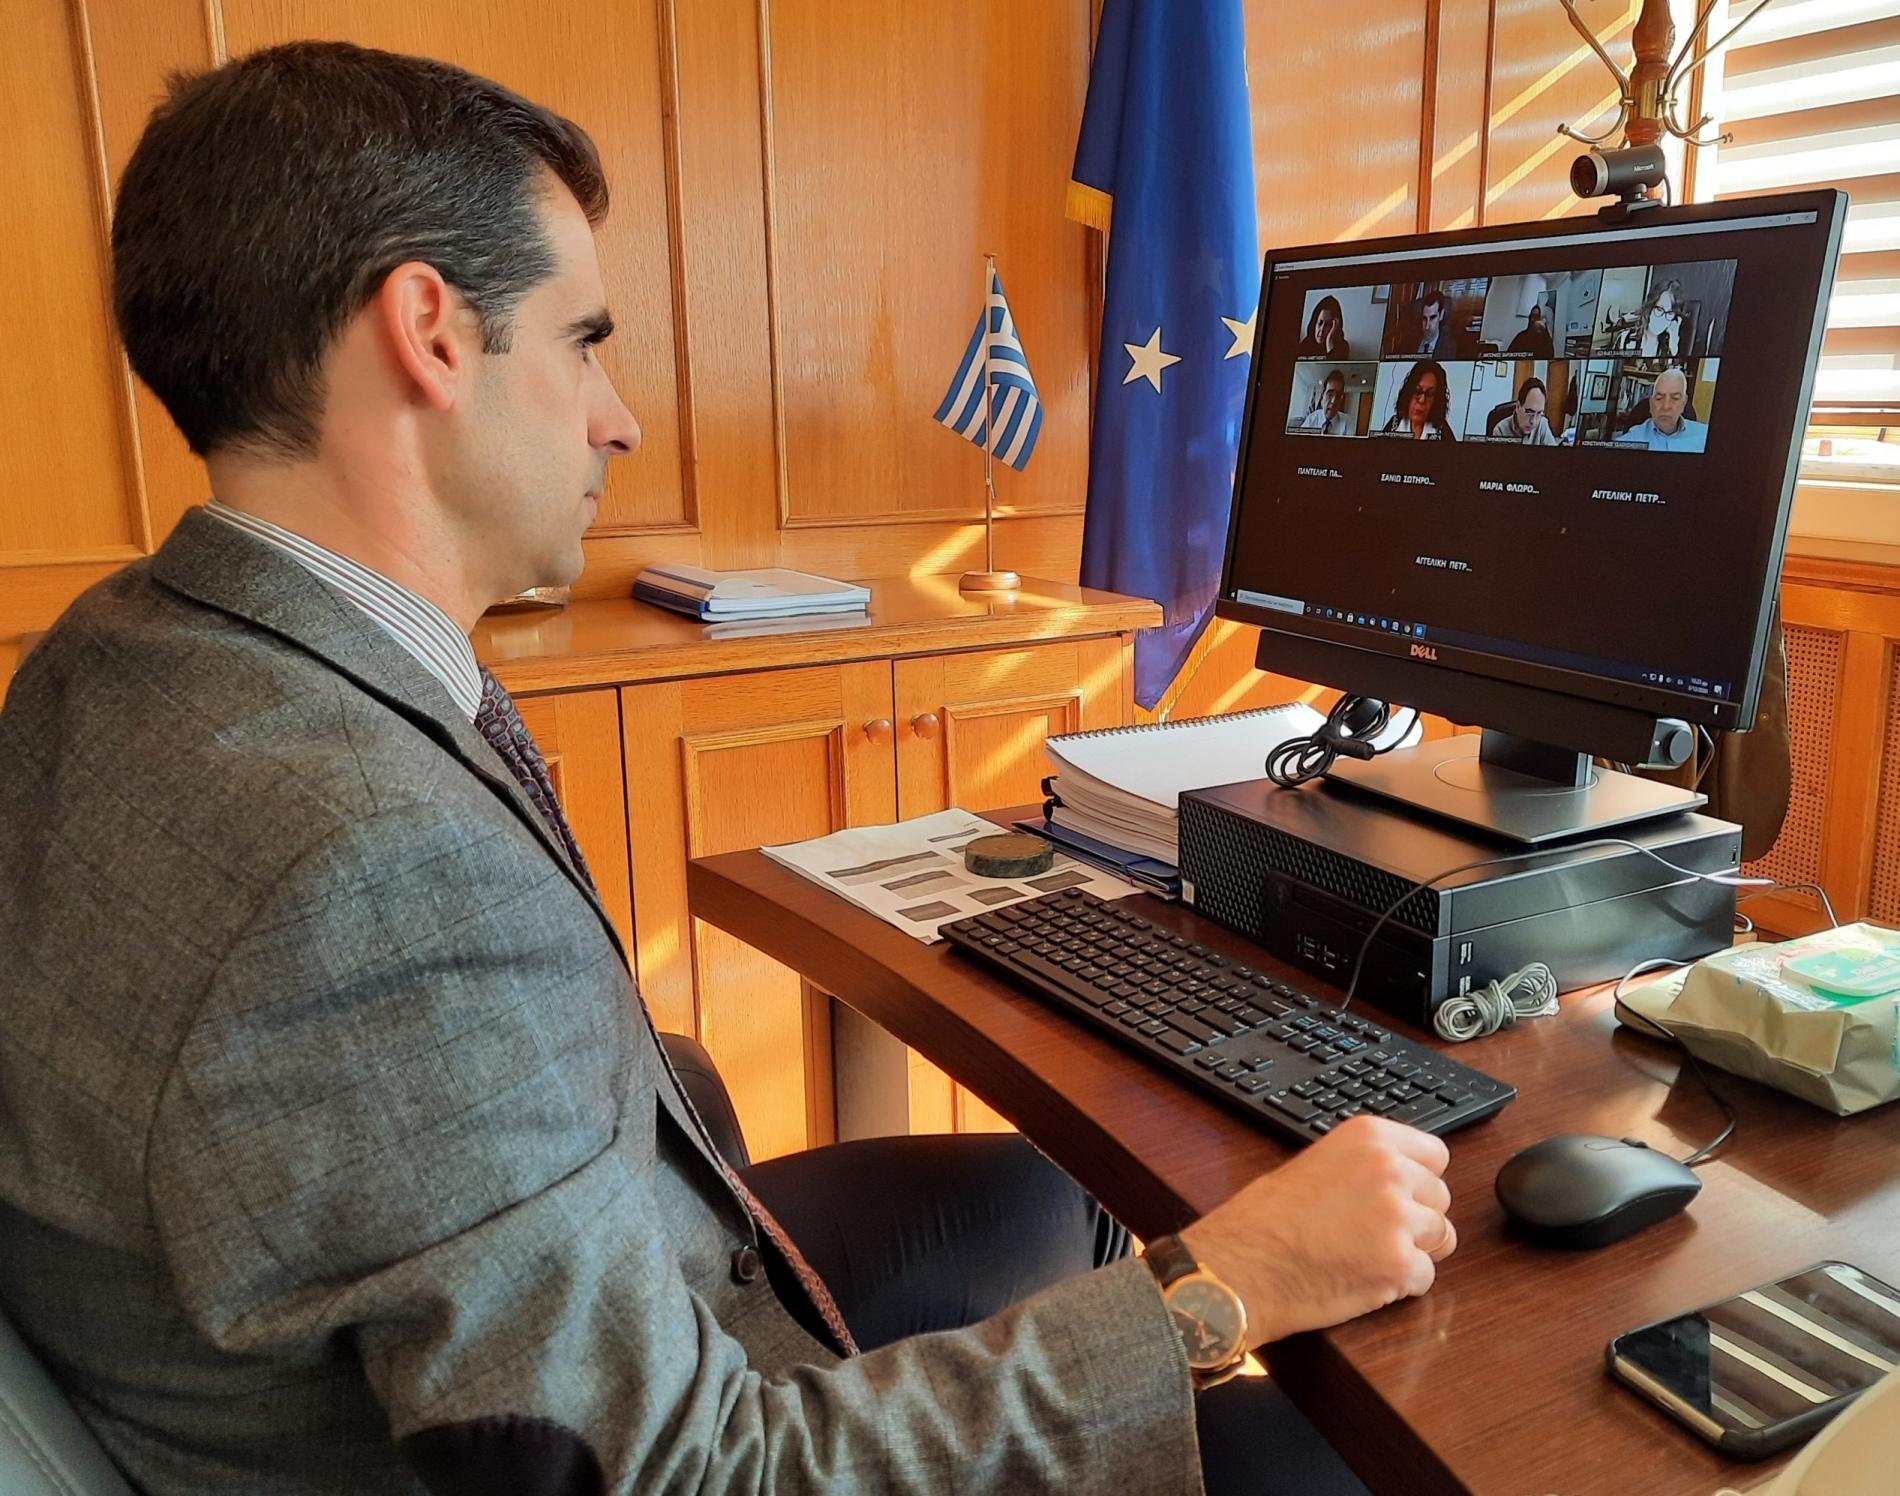 ΠΕ Ηλείας: Με πρωτοβουλία Β. Γιαννόπουλου διαδικτυακή ημερίδα για την κοινωνική ένταξη και τις επιπτώσεις της πανδημίας στην ζωή των ΑμεΑ